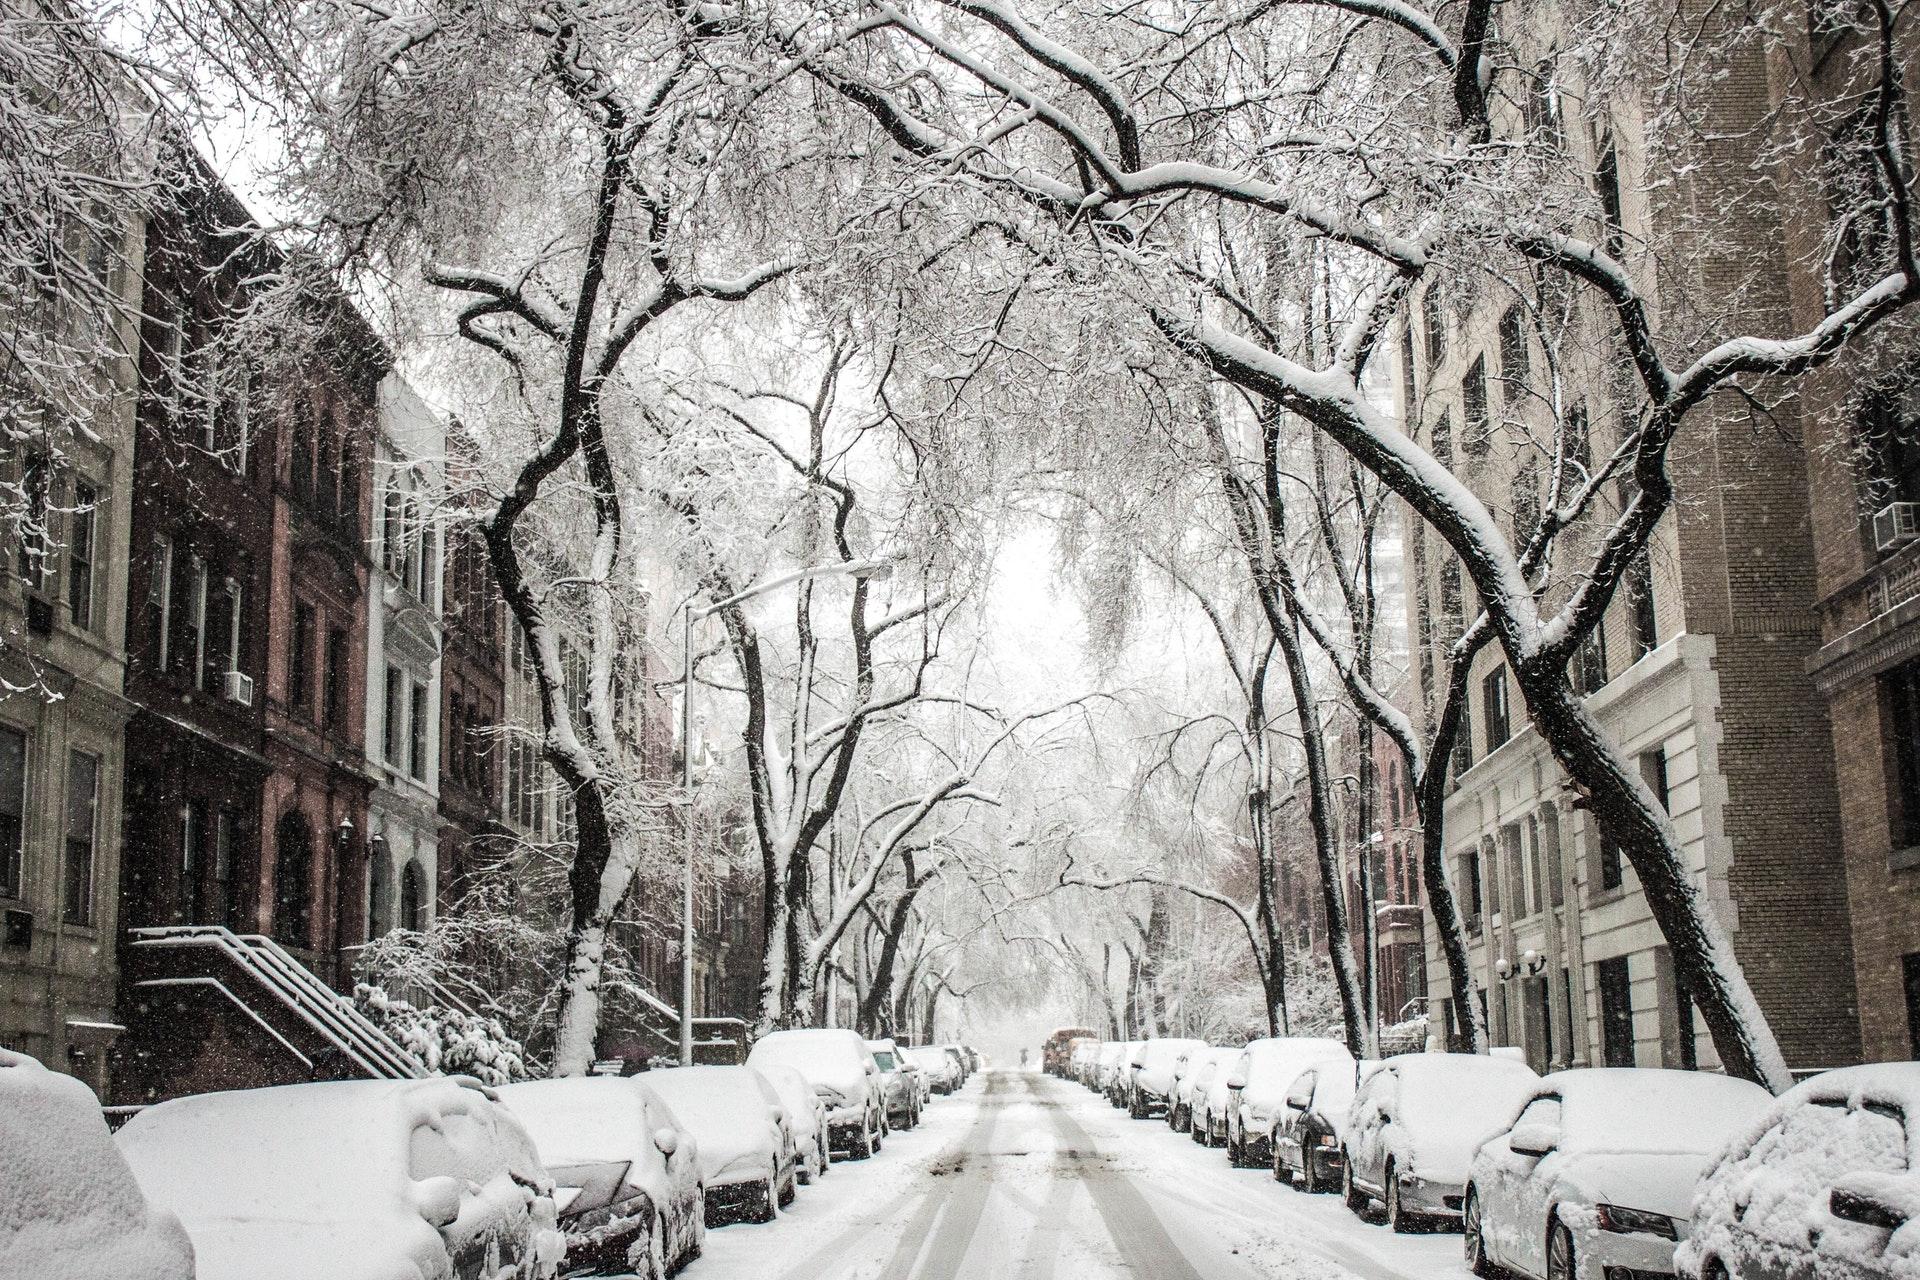 Si no sabes cómo actuar con la nieve, quédate en casa para prevenir accidentes.